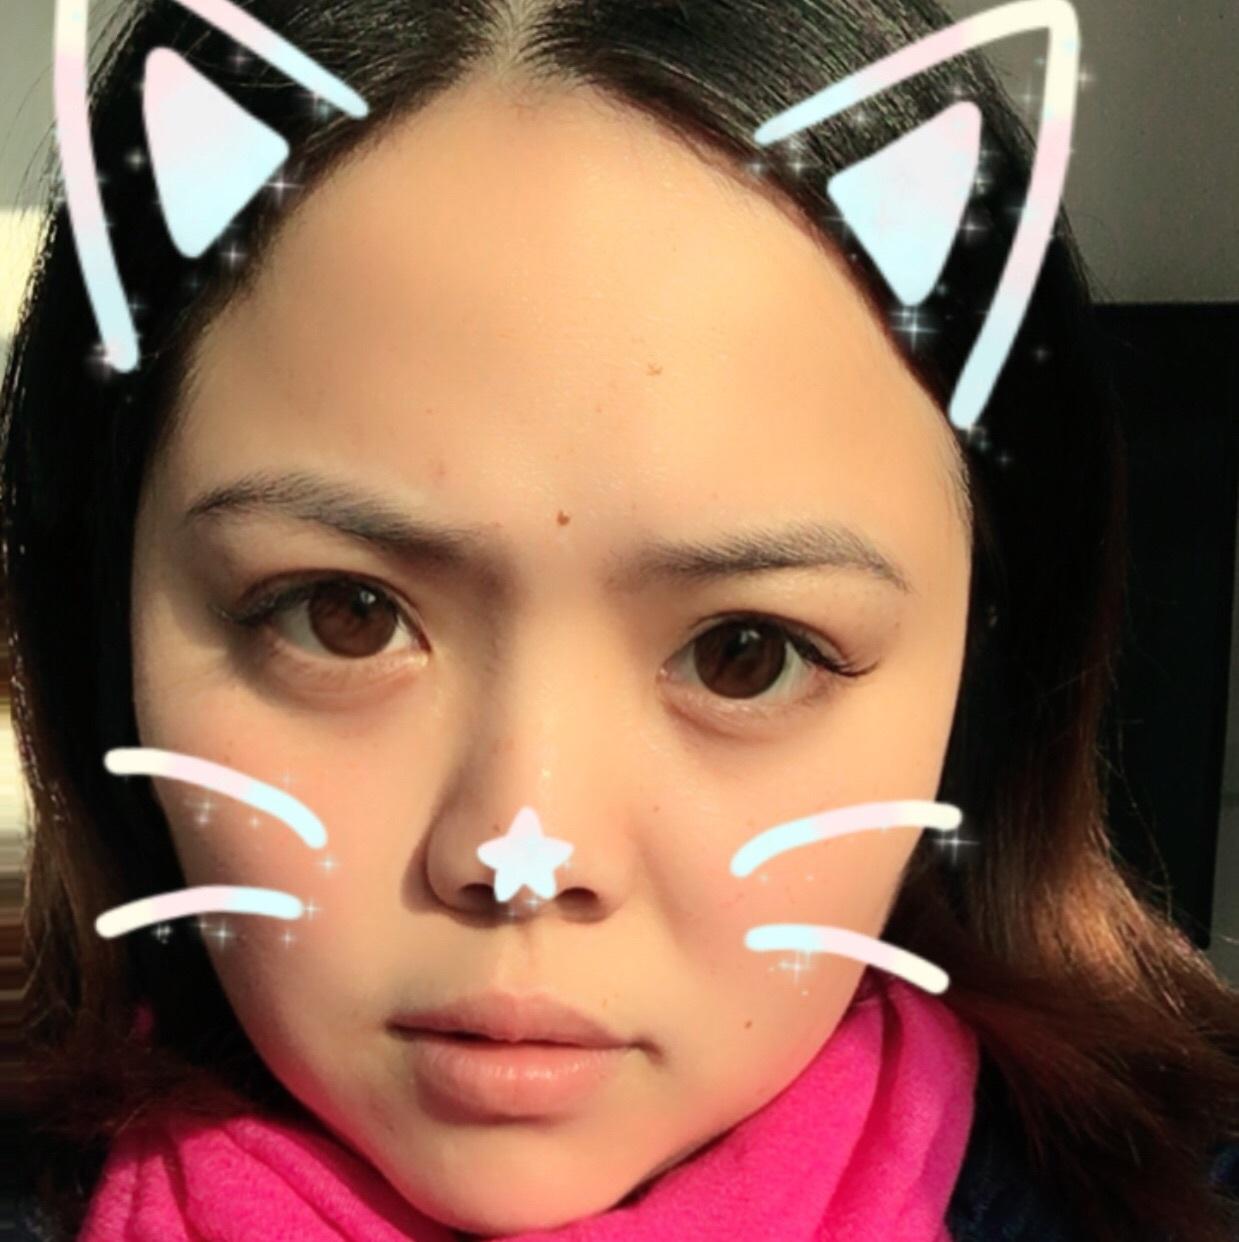 Angel苏小艳